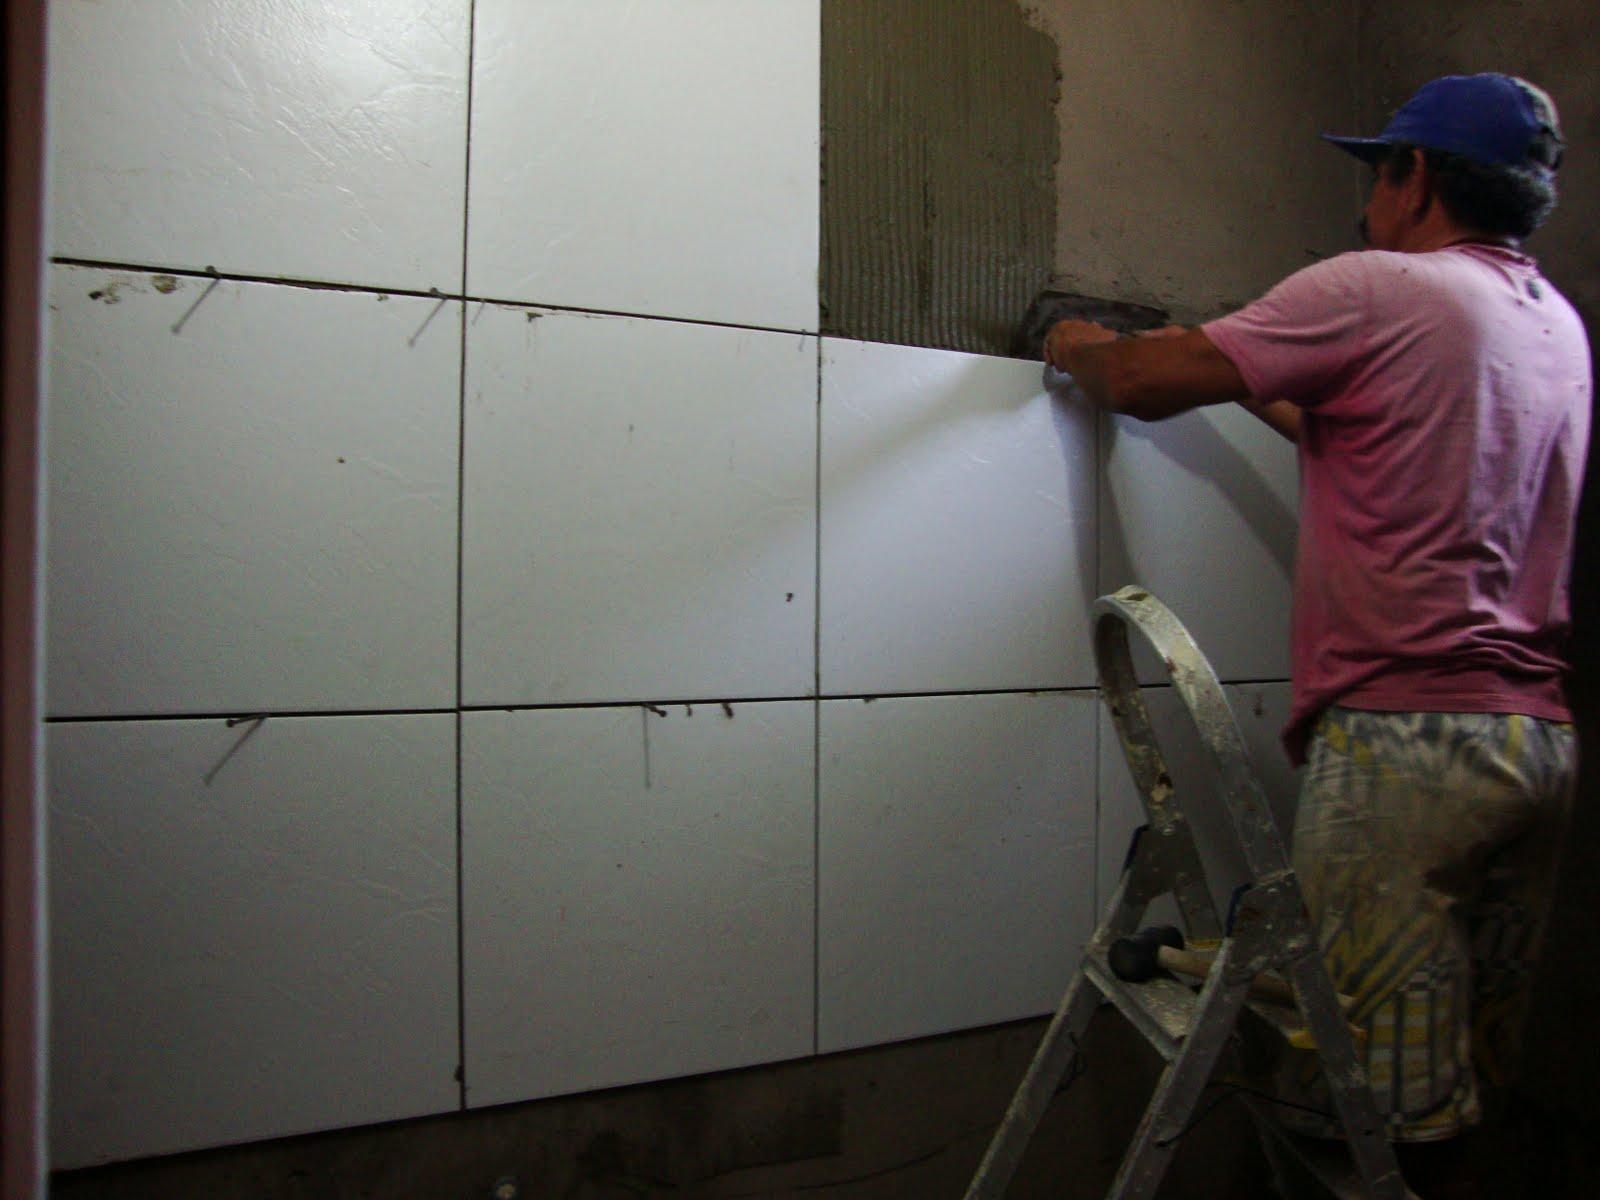 um espaço de um dedo entra a forra da porta e as cerâmicas #5F3F3F 1600x1200 Altura Da Janela Banheiro